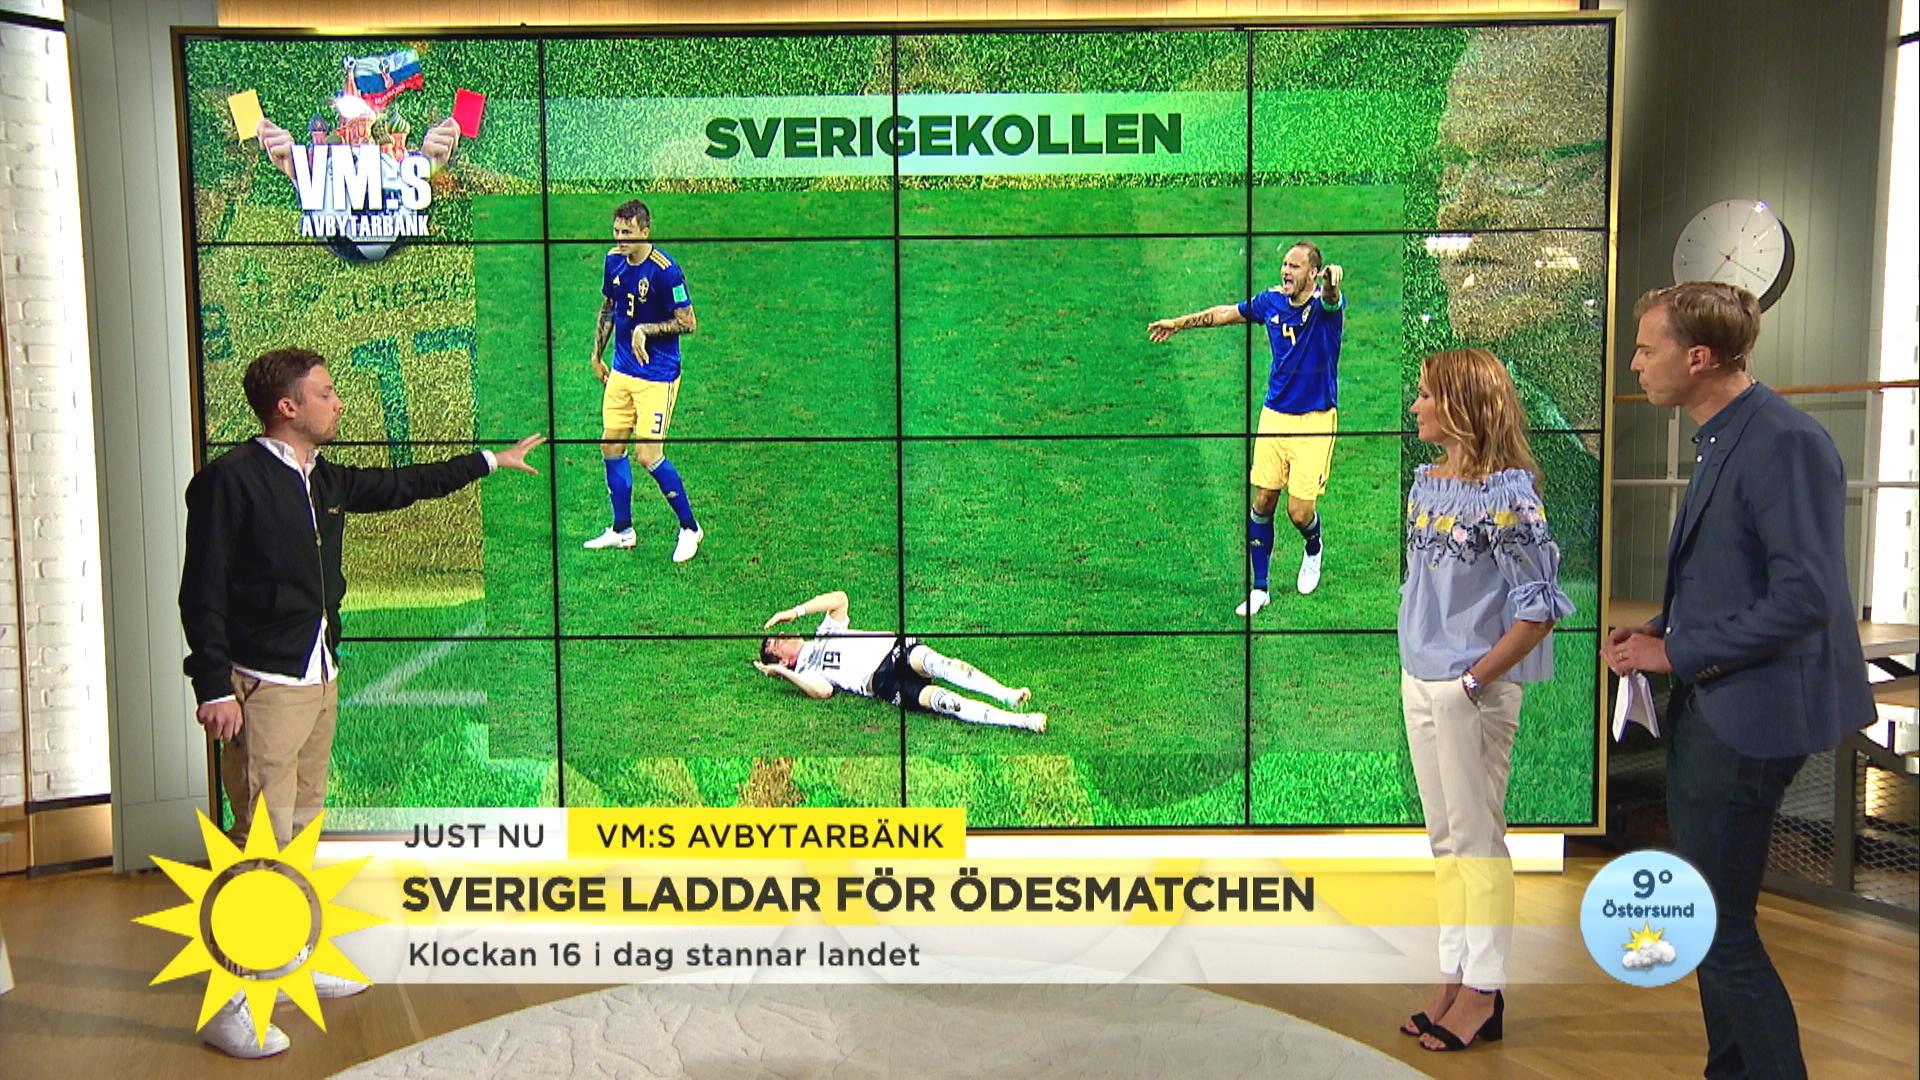 Sverige nara odesmatch